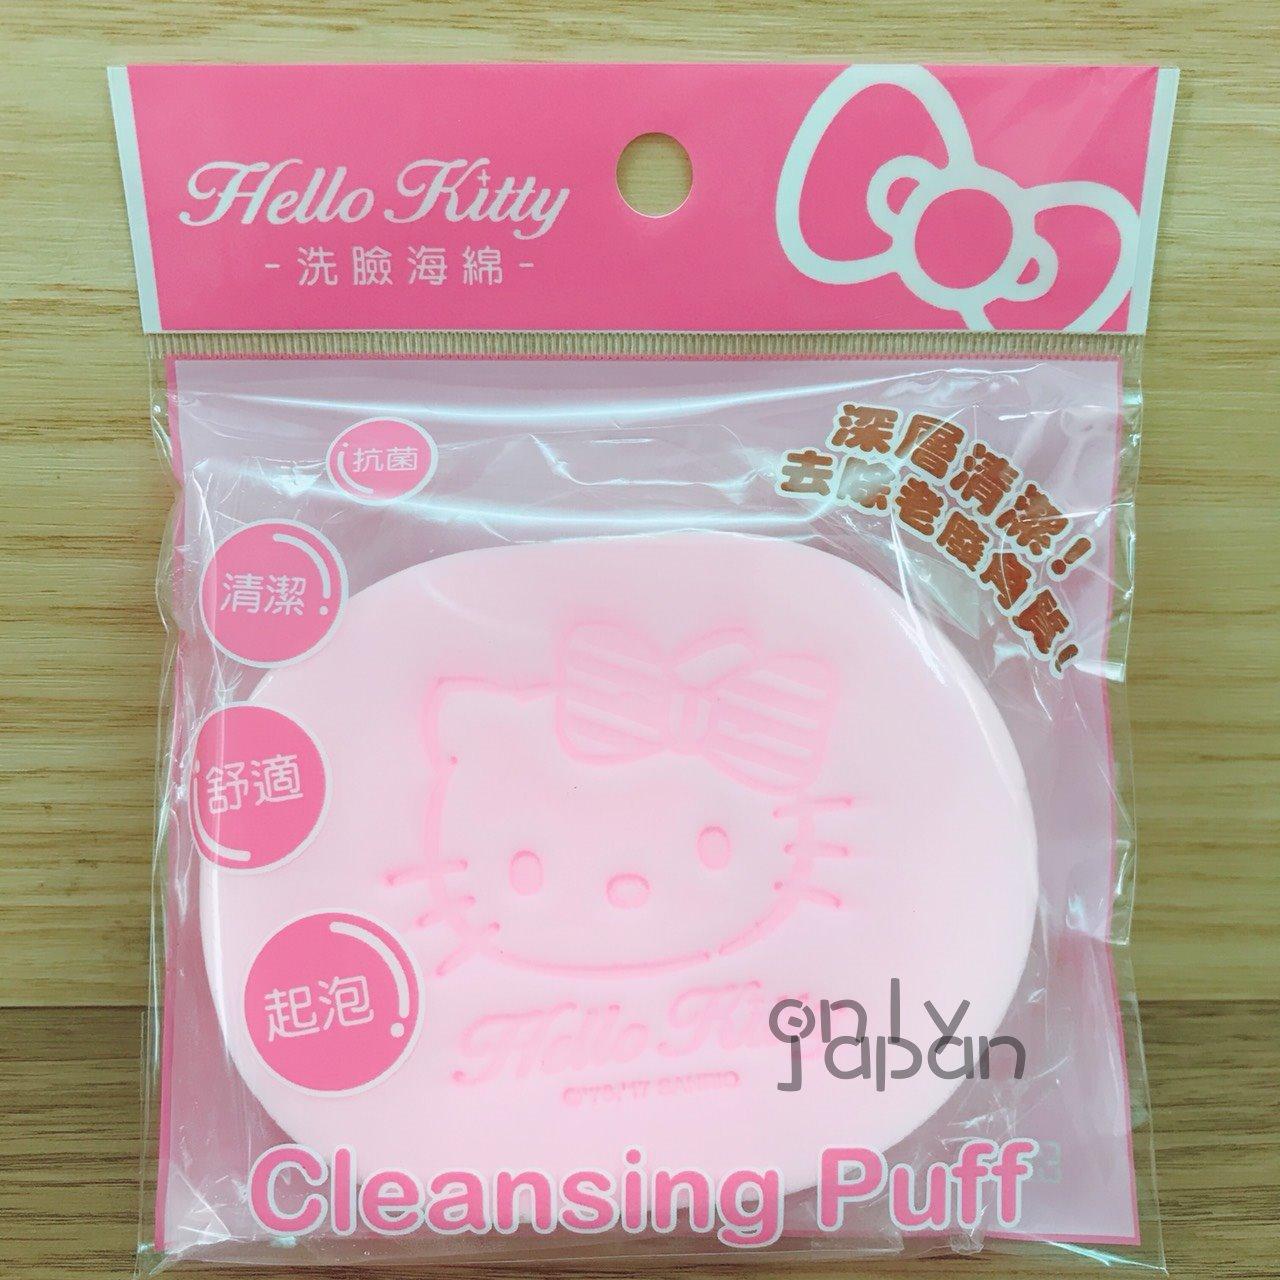 【真愛日本】18010200005 洗臉海綿-KT大臉 三麗鷗 kitty 凱蒂貓 洗顏海綿 清潔海綿 美顏